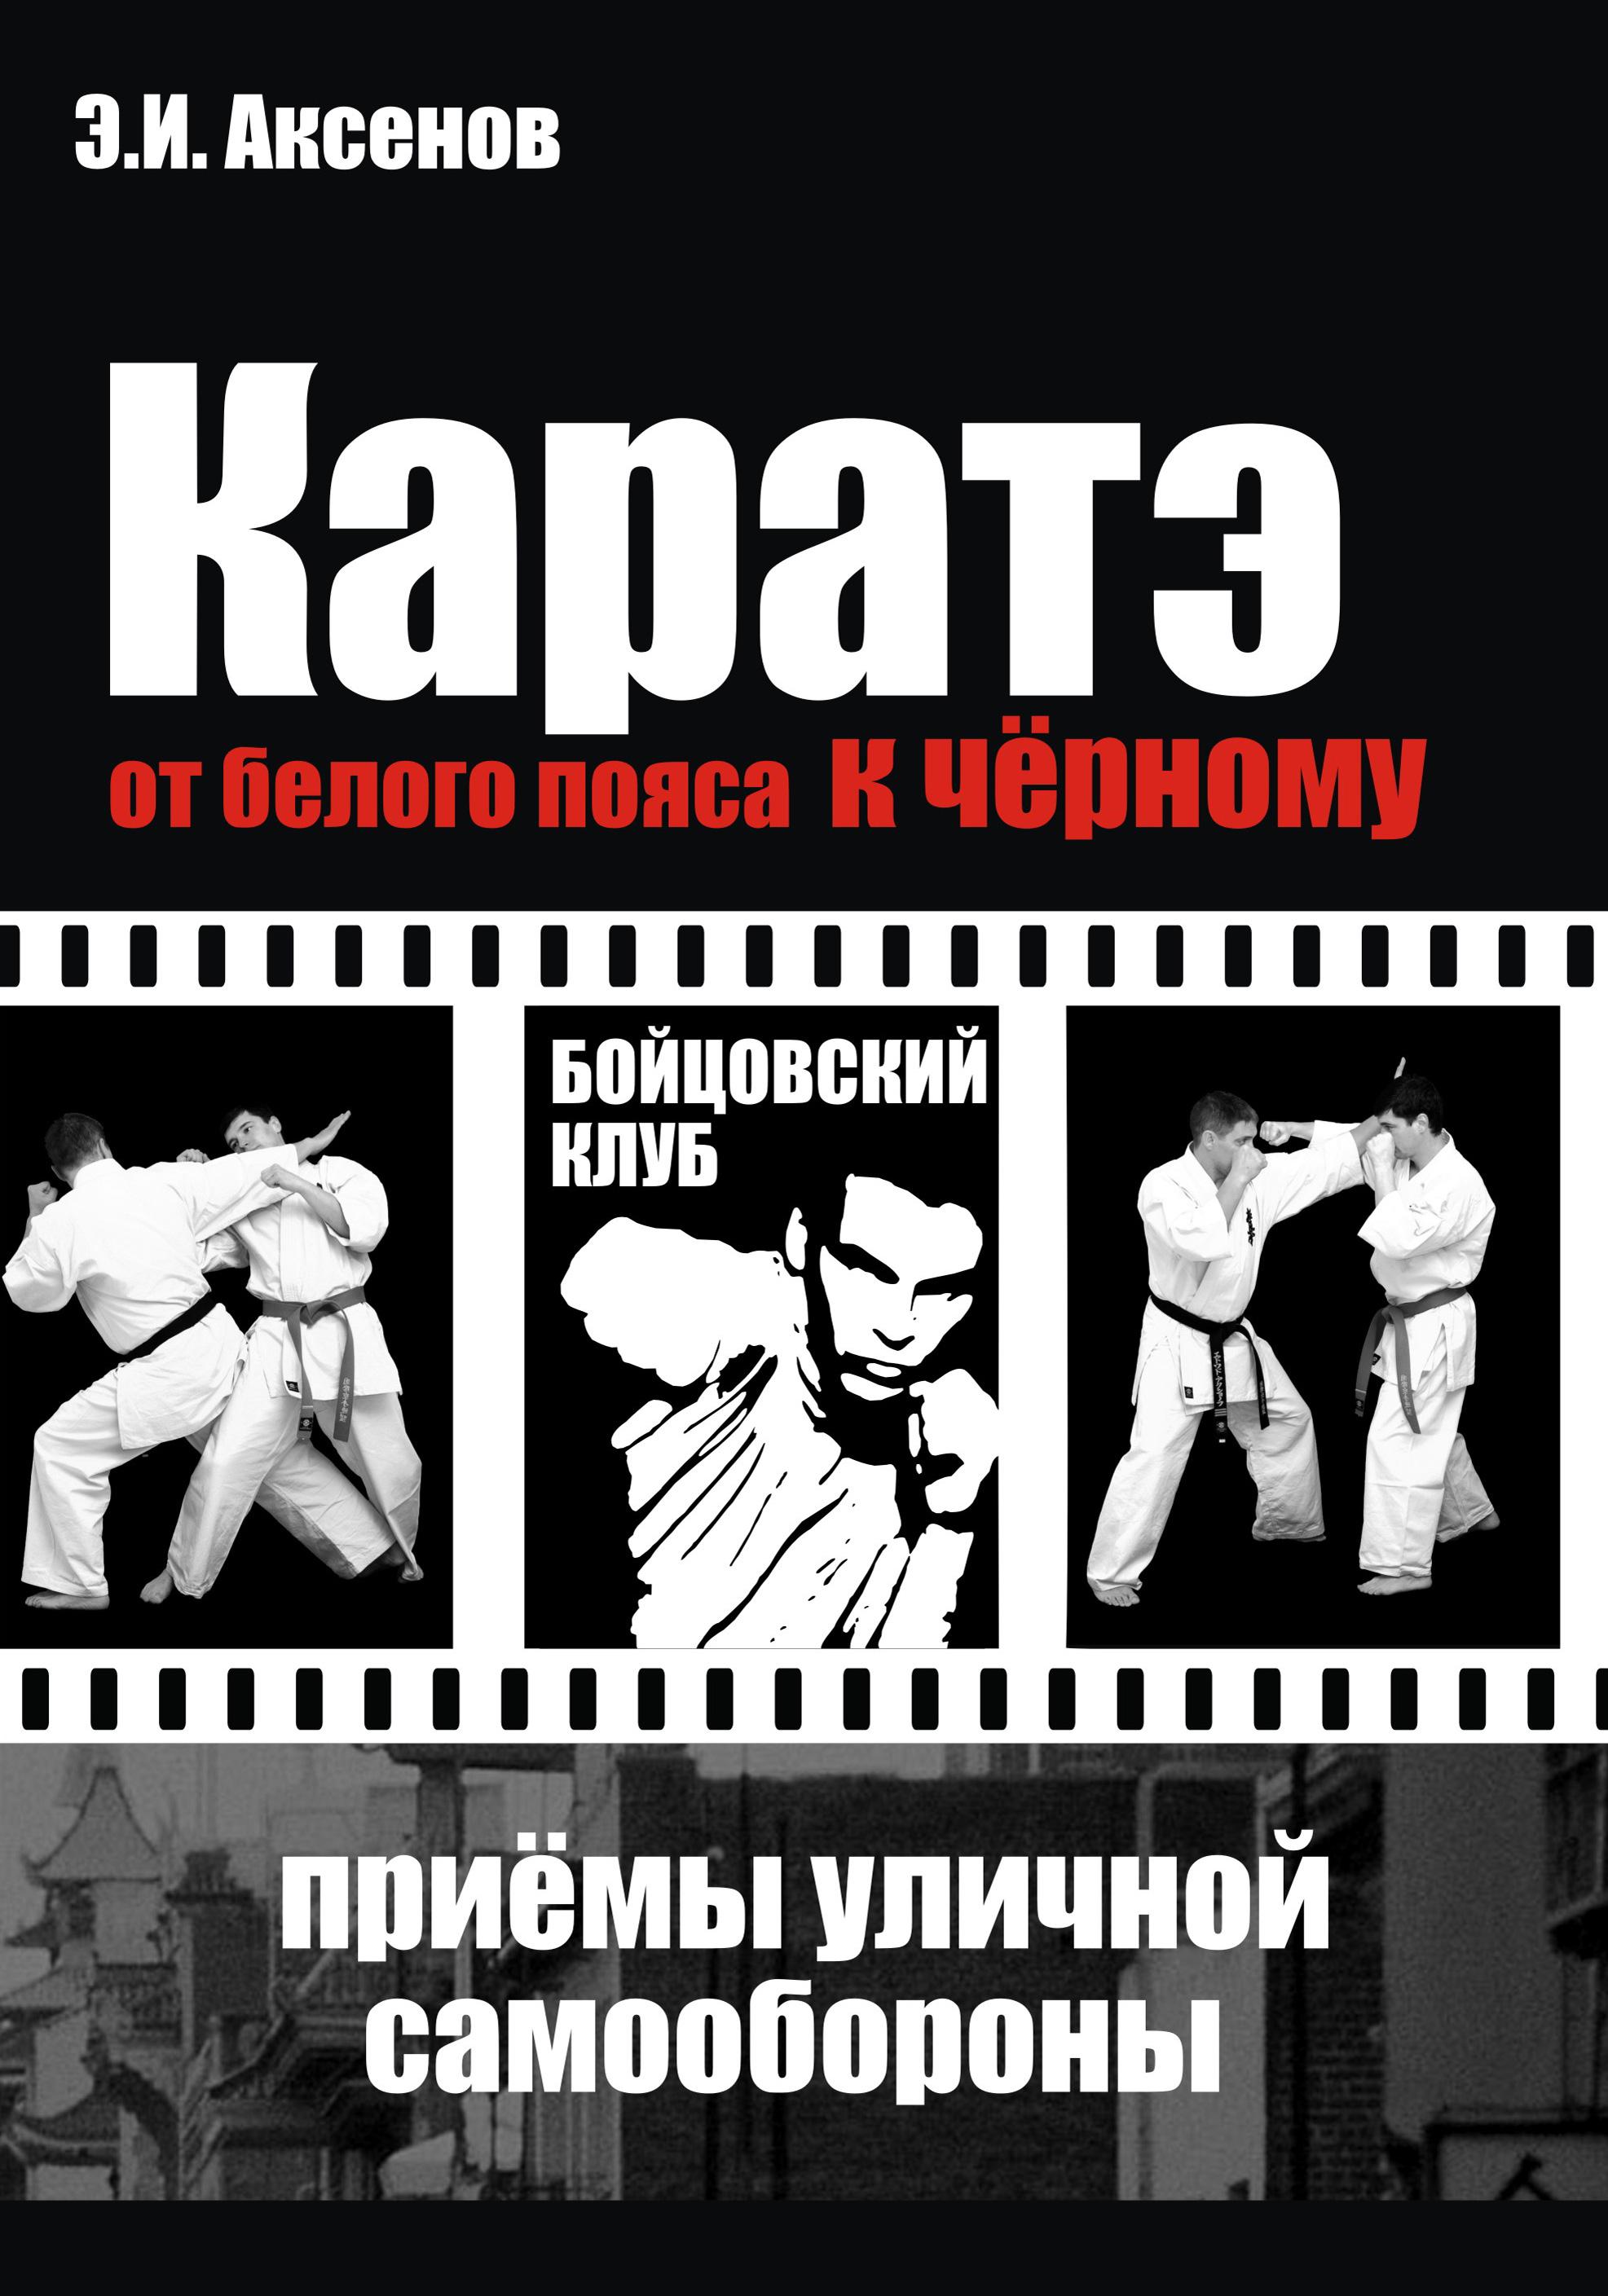 Книга Каратэ: от белого пояса к черному. Традиционная техника и приемы уличной самозащиты